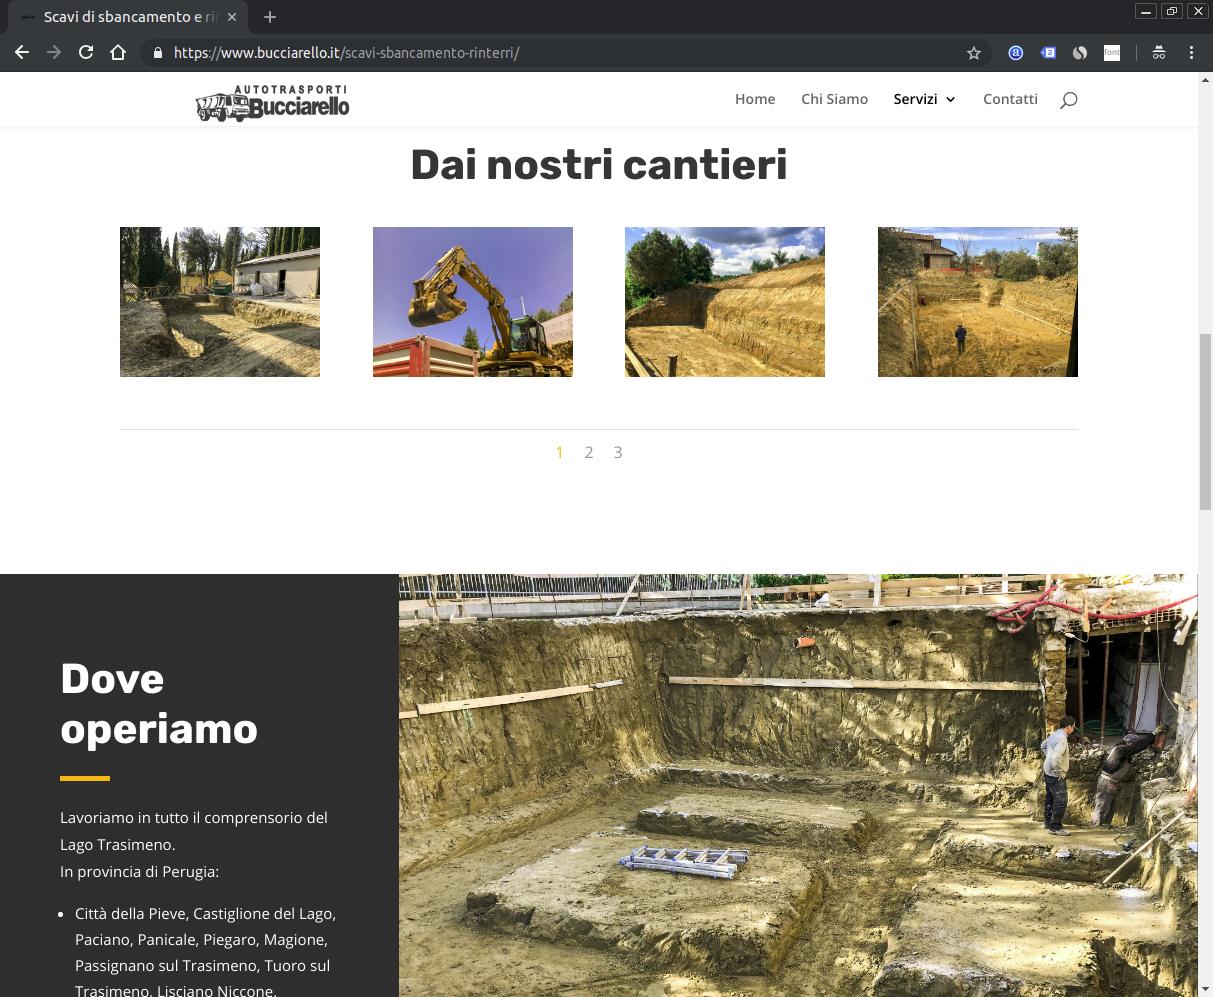 Screenshot del sito Bucciarello